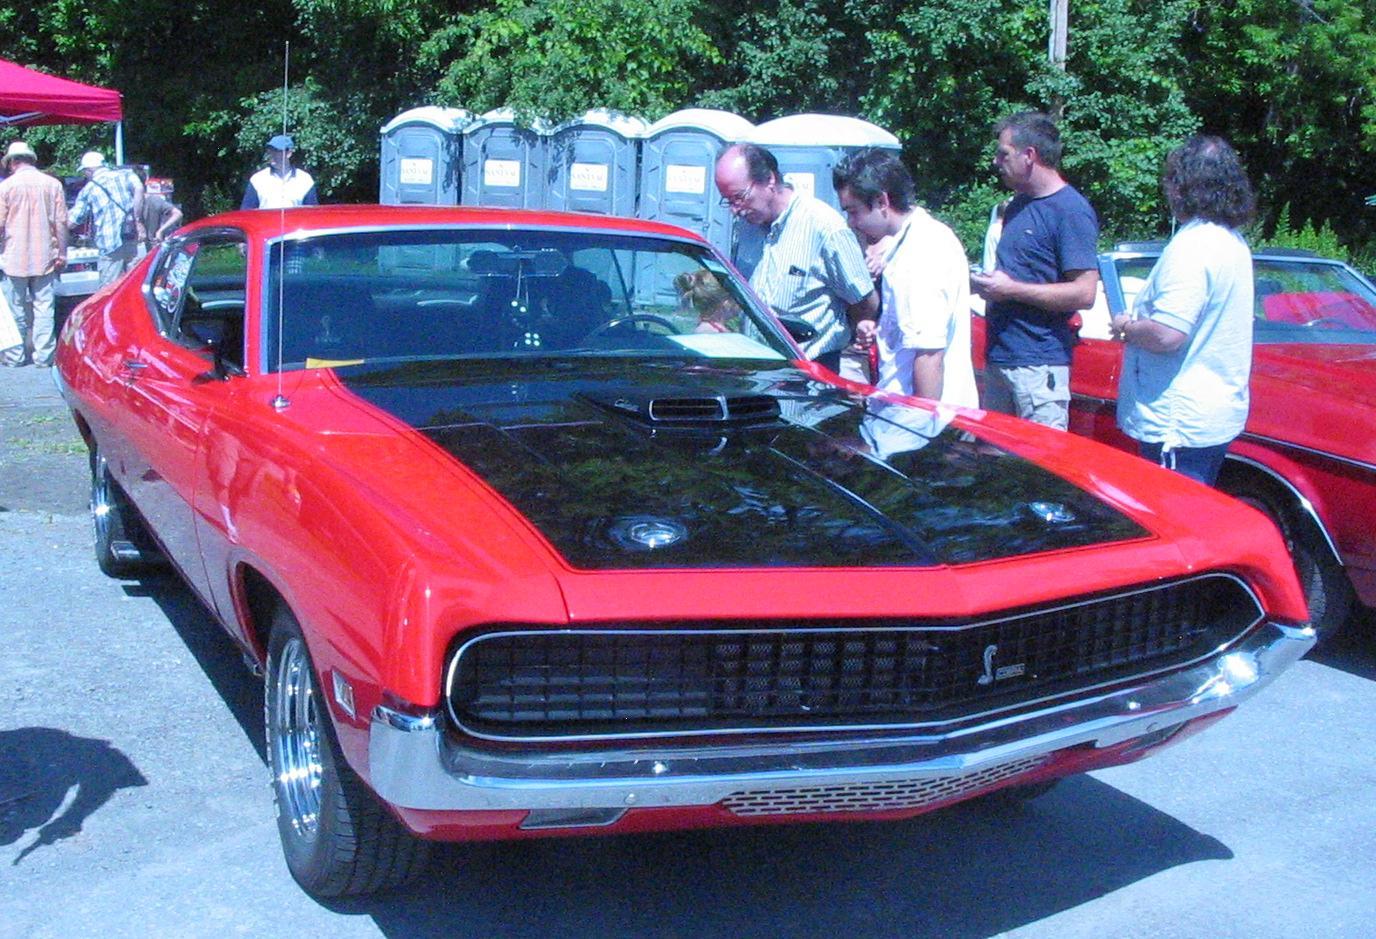 file70 ford torino cobra auto classique laval 11jpg wikipedia - 1971 Ford Gran Torino Cobra